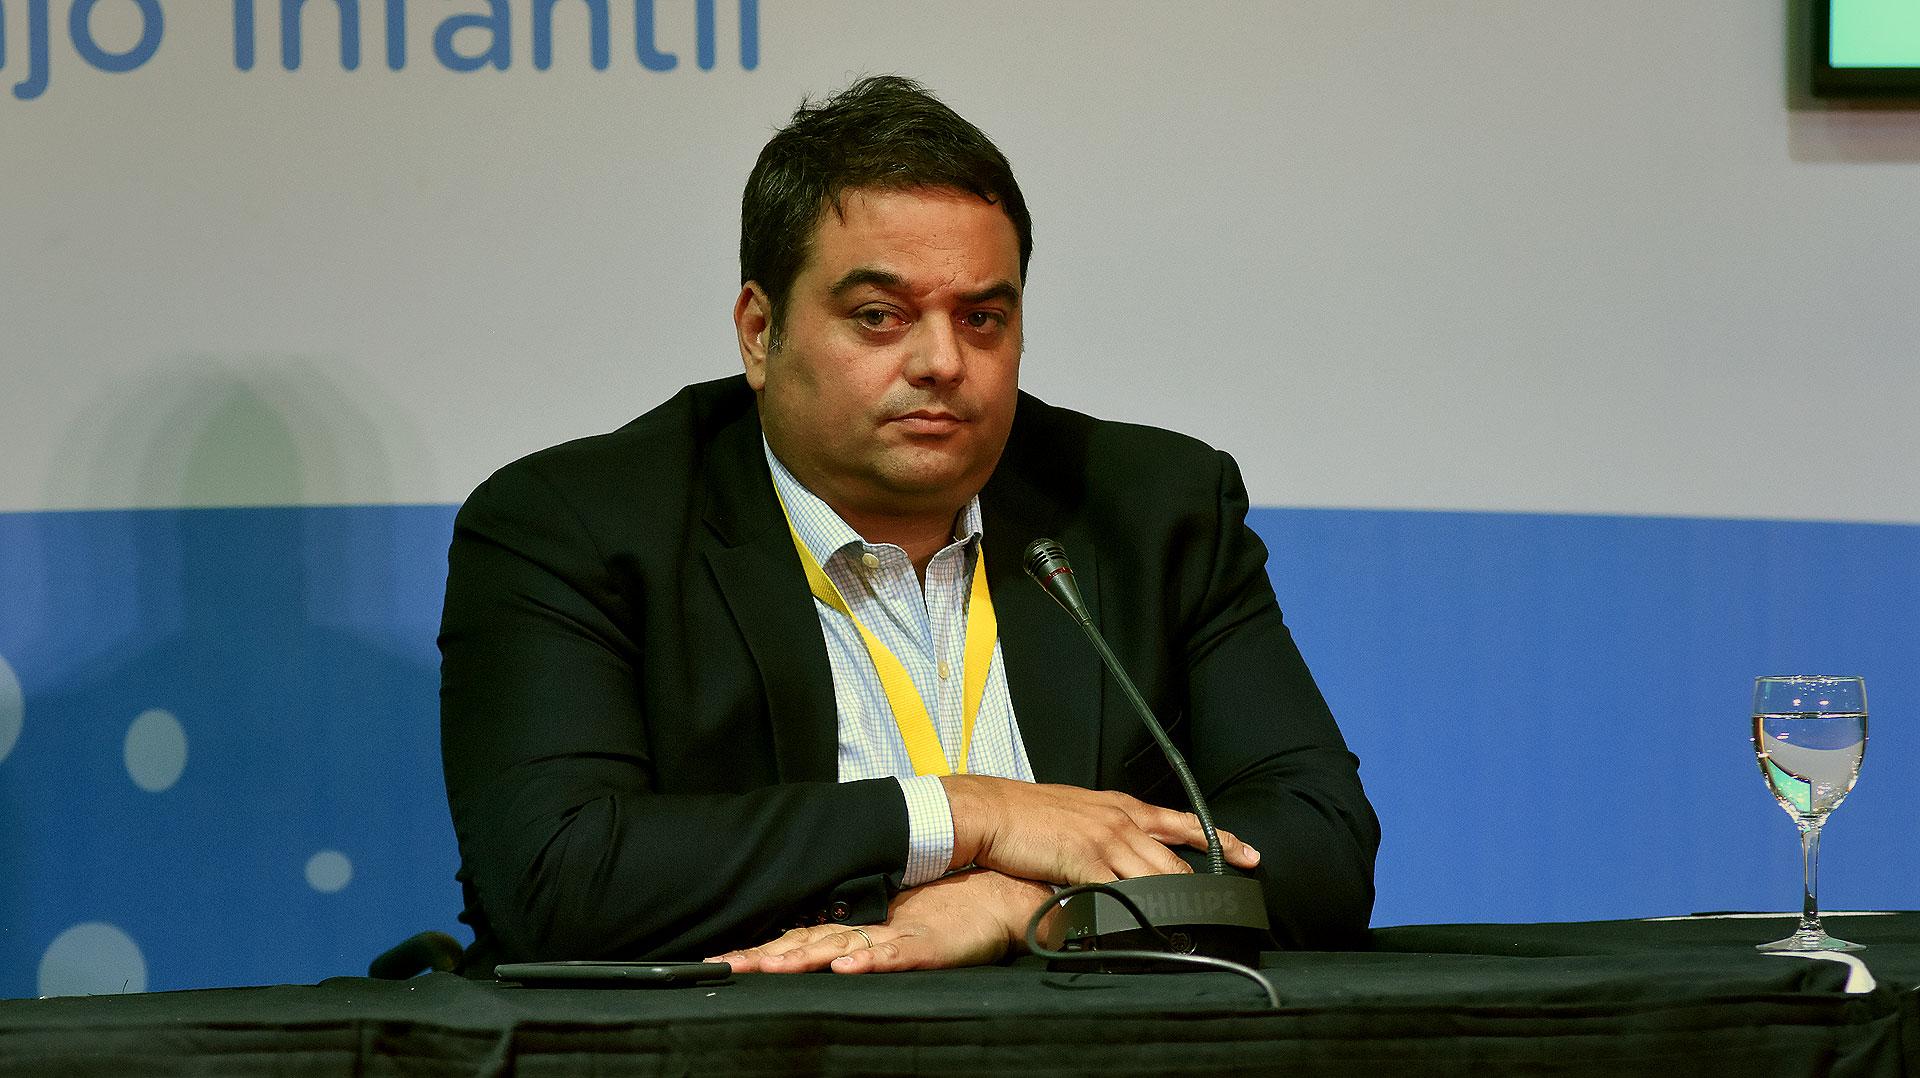 Jorge Triaca recibirá a dirigentes de la industria aceitera para homologar la partitaria 2018 (Nicolás Stulberg)